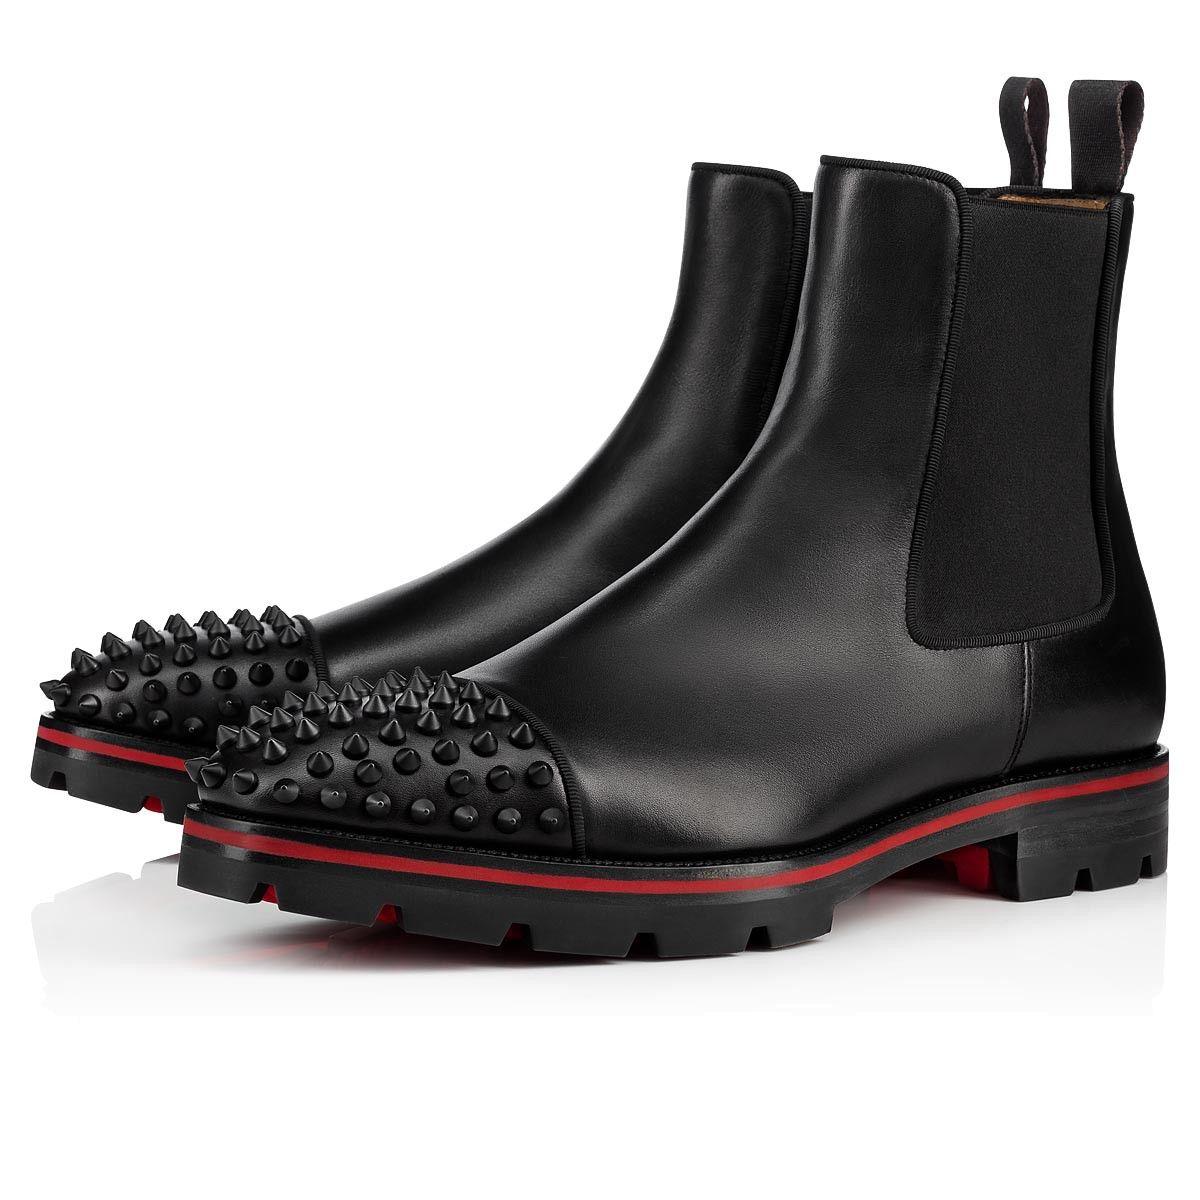 Top Brand Slip On Spikes Uomo autunno inverno Vera pelle rossa inferiore Kicko Stivali Nero Stivali eccellente Designer stivali Cavaliere